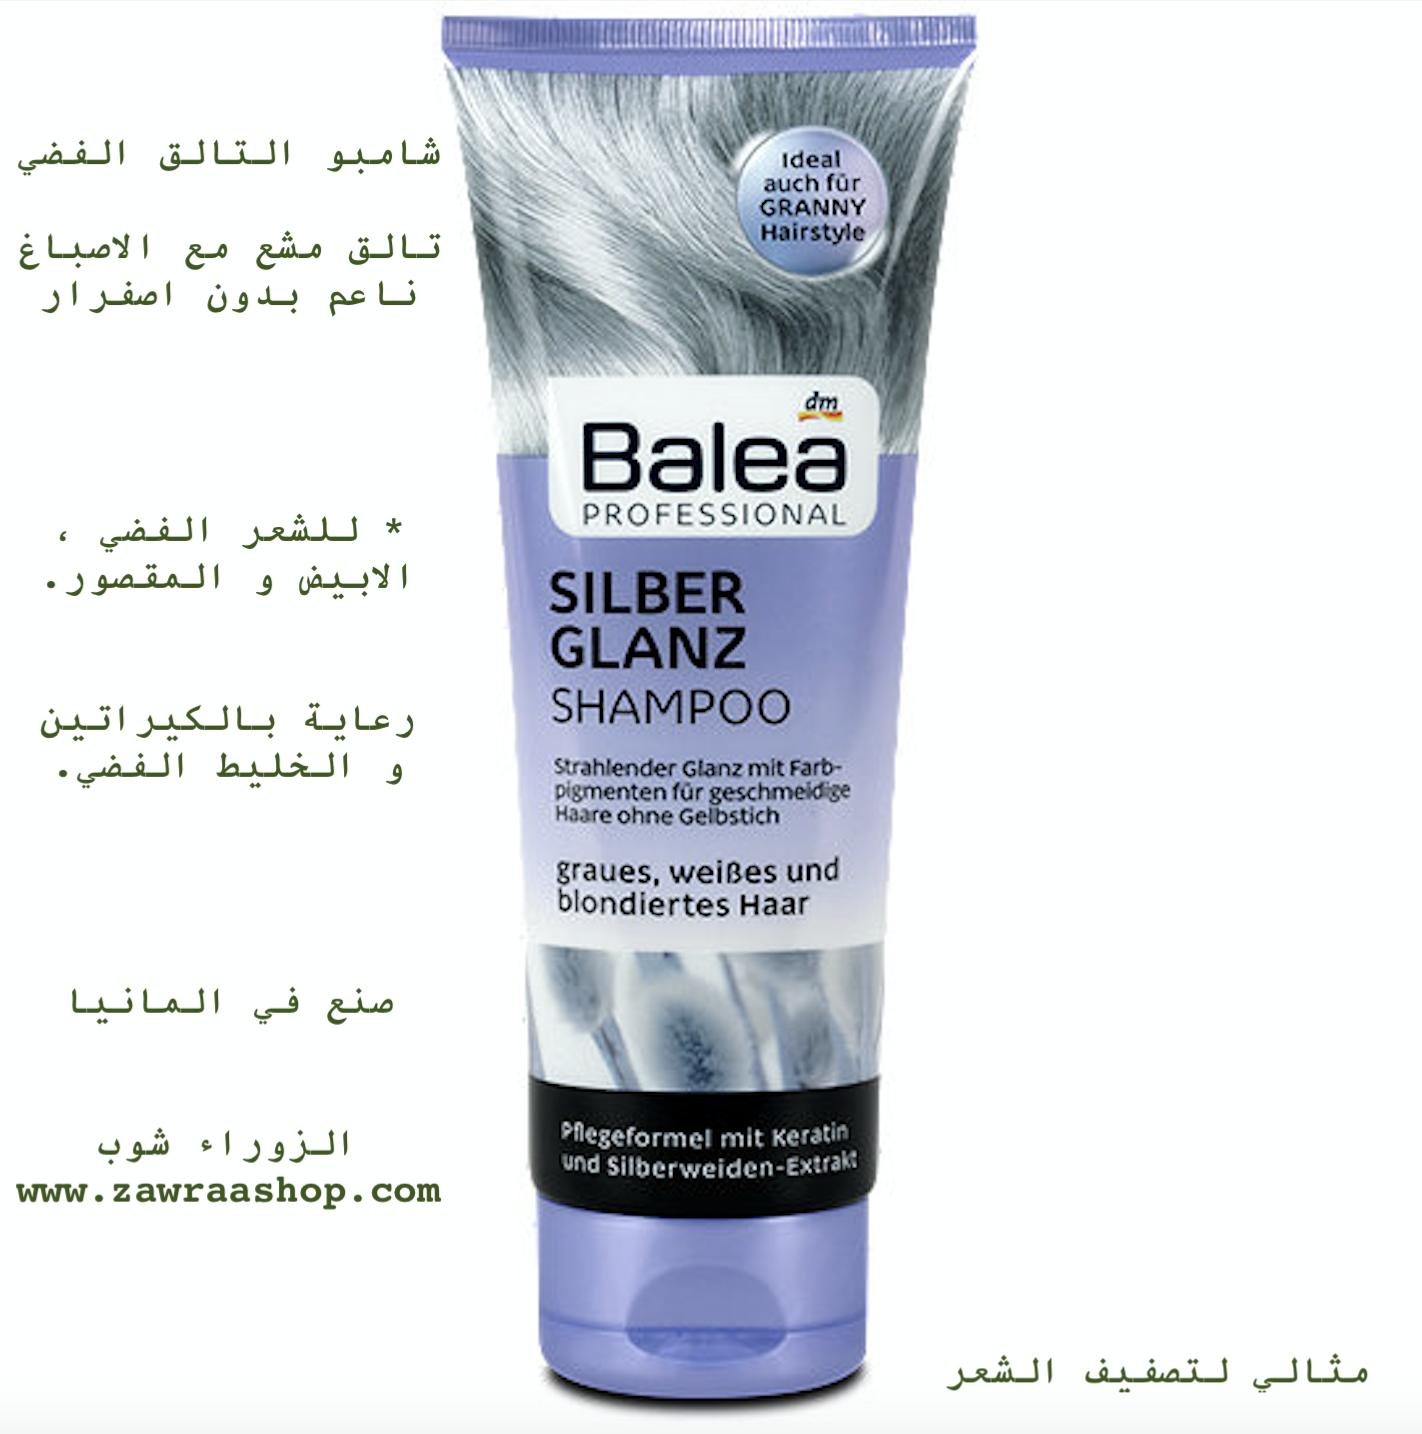 B406 silber glanz shampoo شامبو عصارة للشعر الفضي 00453